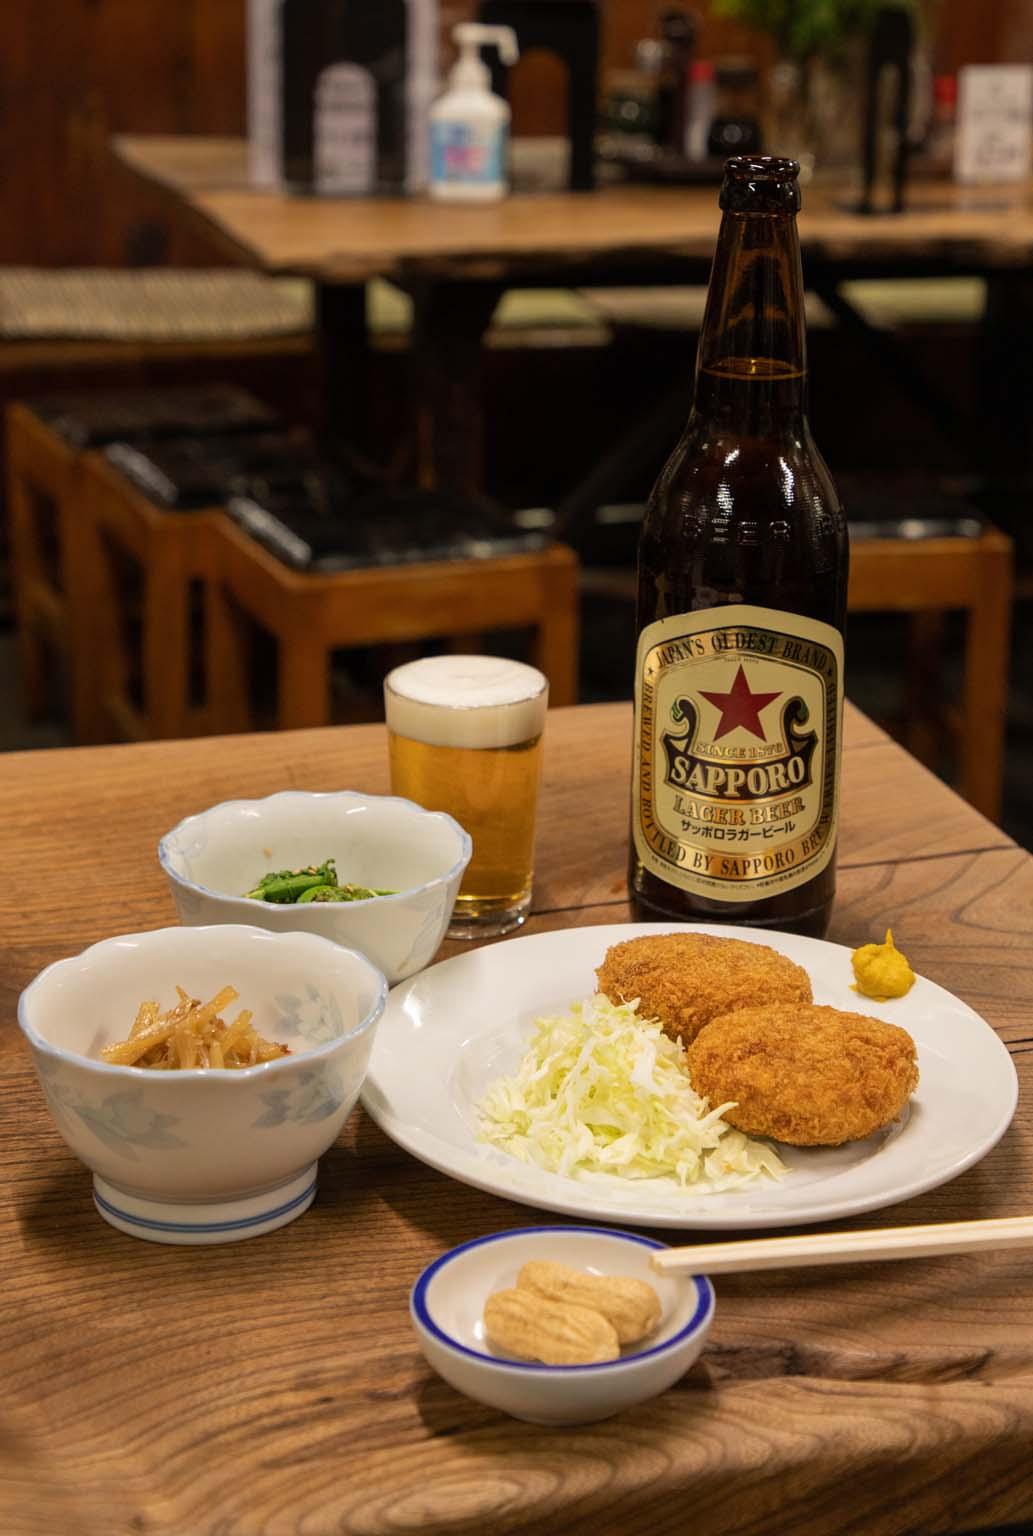 カレーコロッケは2つで360円、うどのキンピラ320円(手前)こごみ340円(奥)サッポロラガービール1本540円。